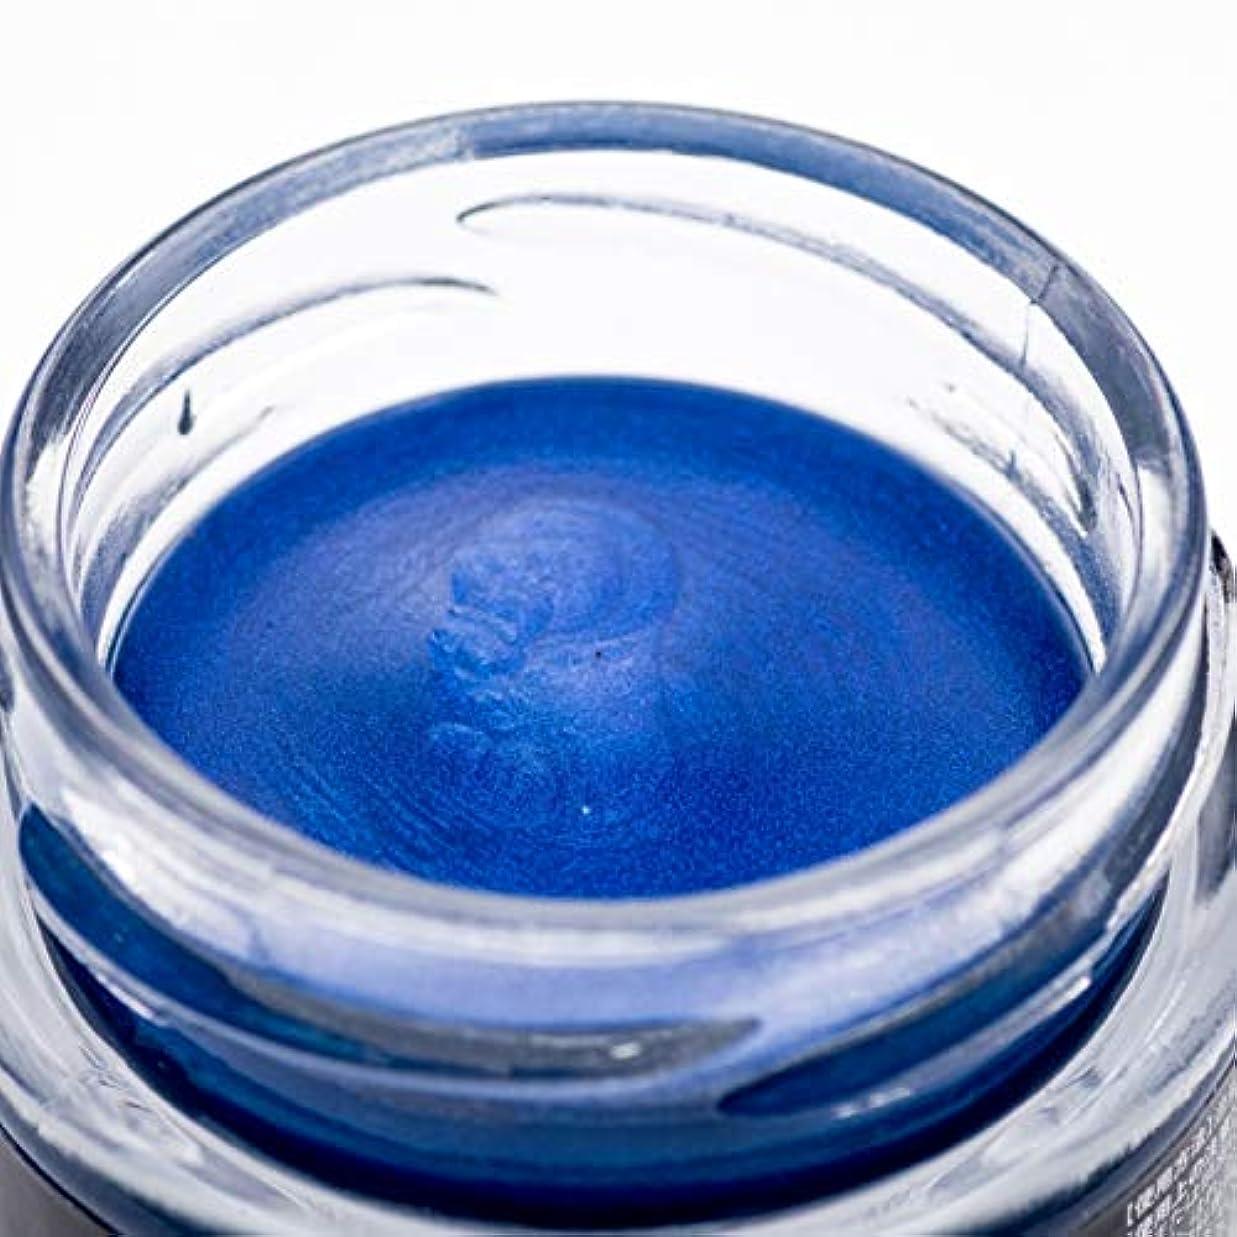 密合唱団ライバルEMAJINY エマジニー カラーワックス Mysterious Blue ブルー M25 36g